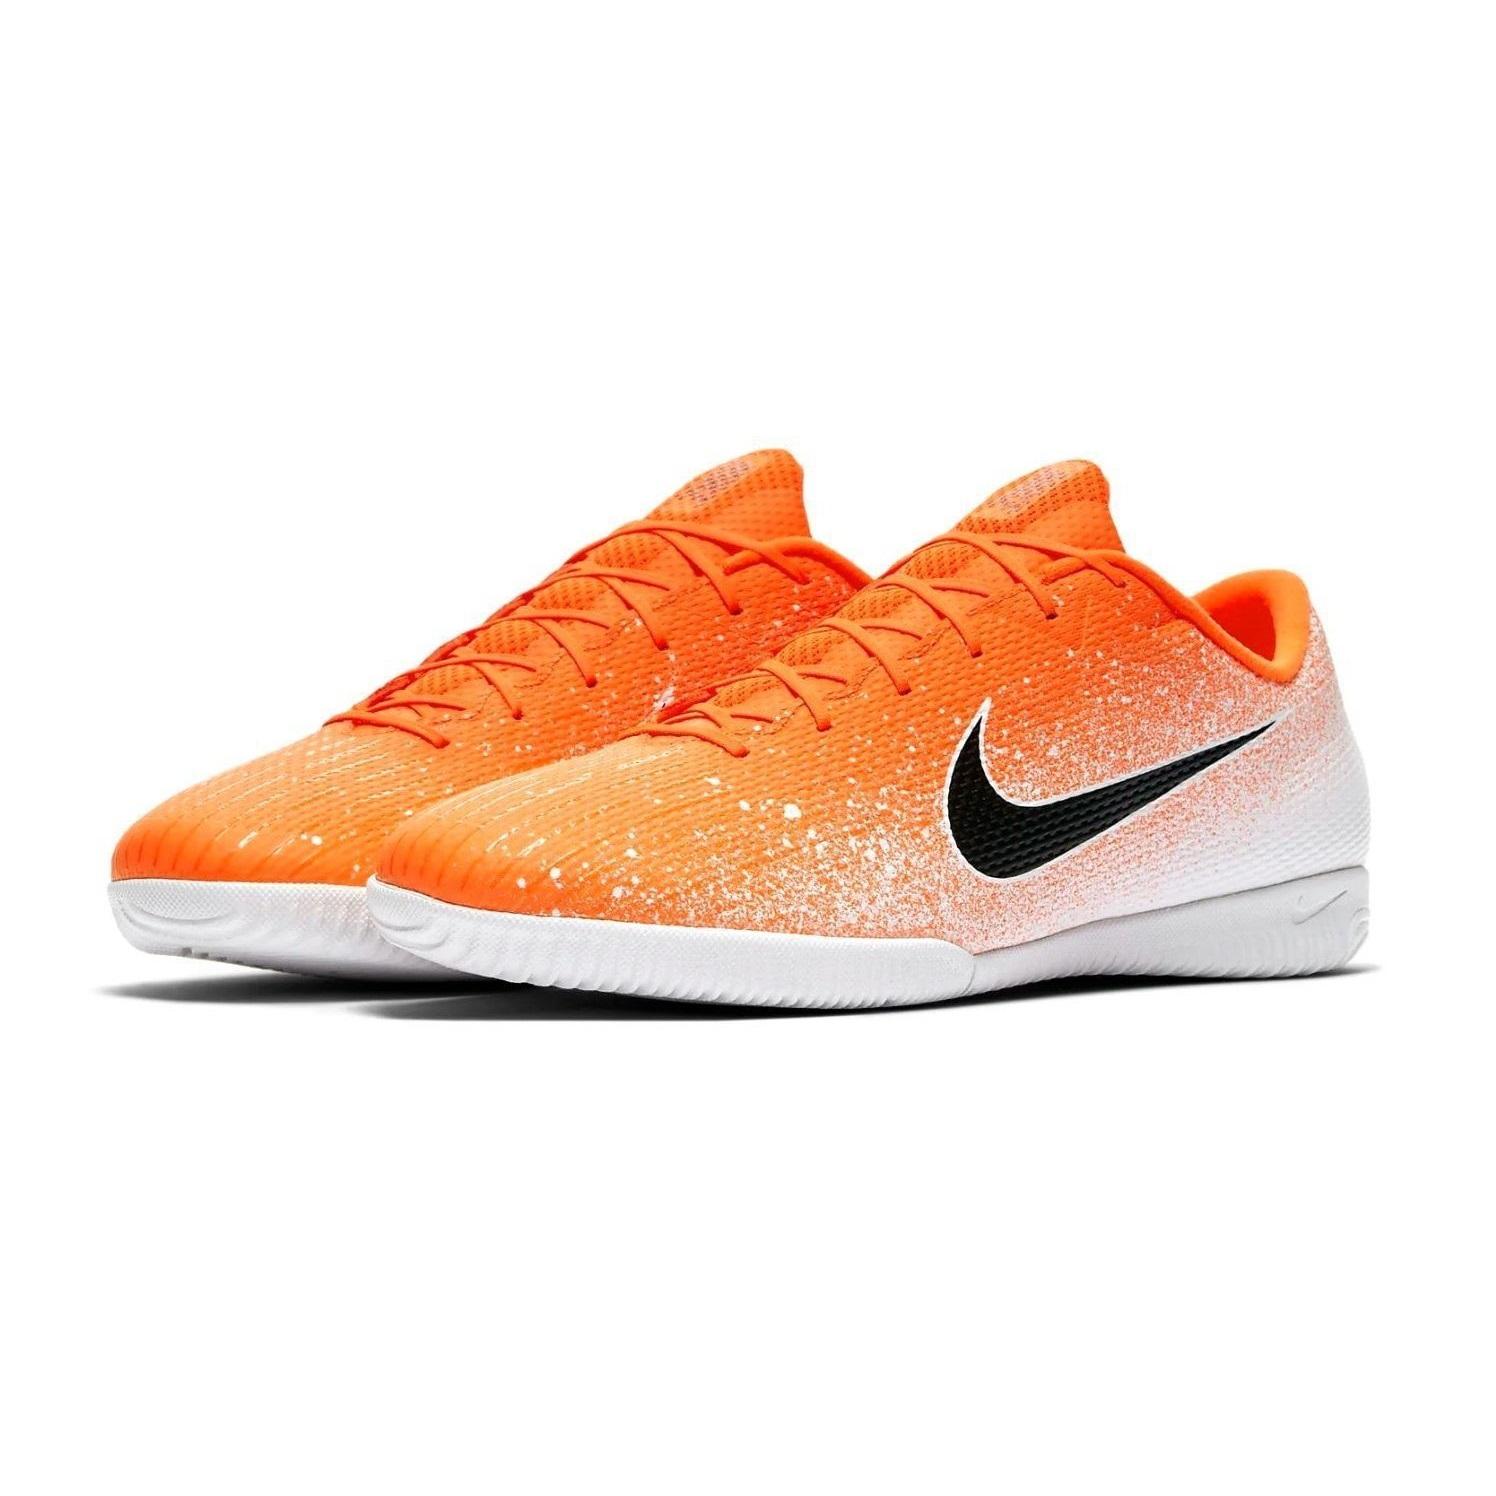 09f543df Обувь для зала в магазине FAIR PLAY | Купить обувь для мини футбола